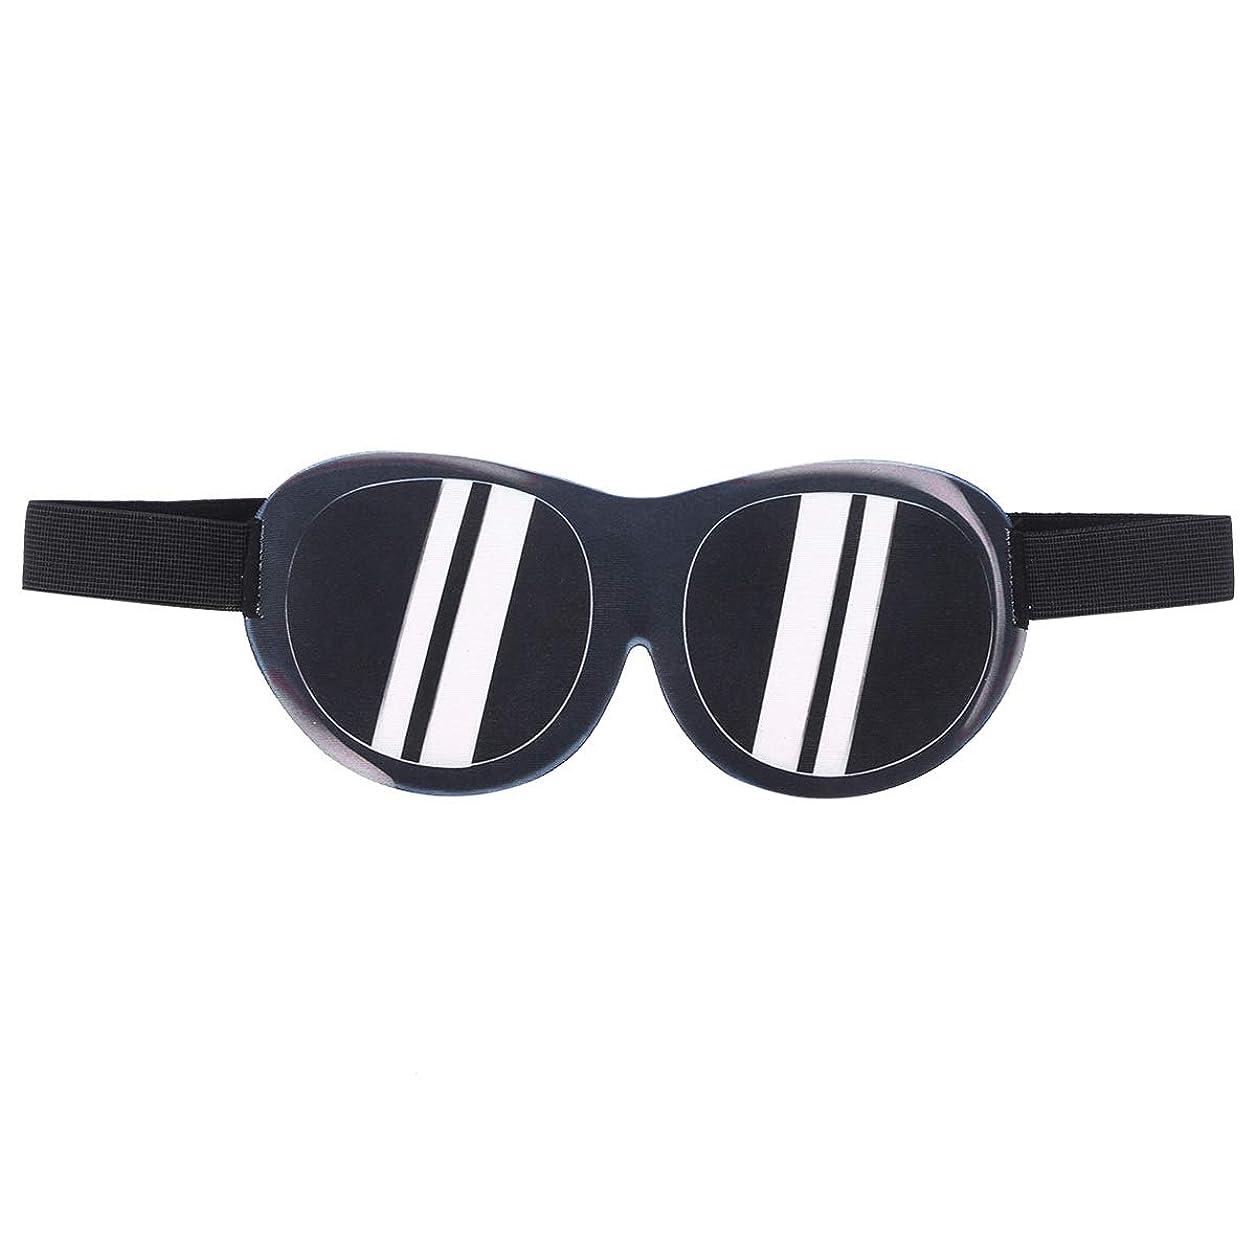 鮫手綱シュートHealifty 睡眠目隠し3D面白いアイシェード通気性睡眠マスク旅行睡眠ヘルパーアイシェード用男性と女性